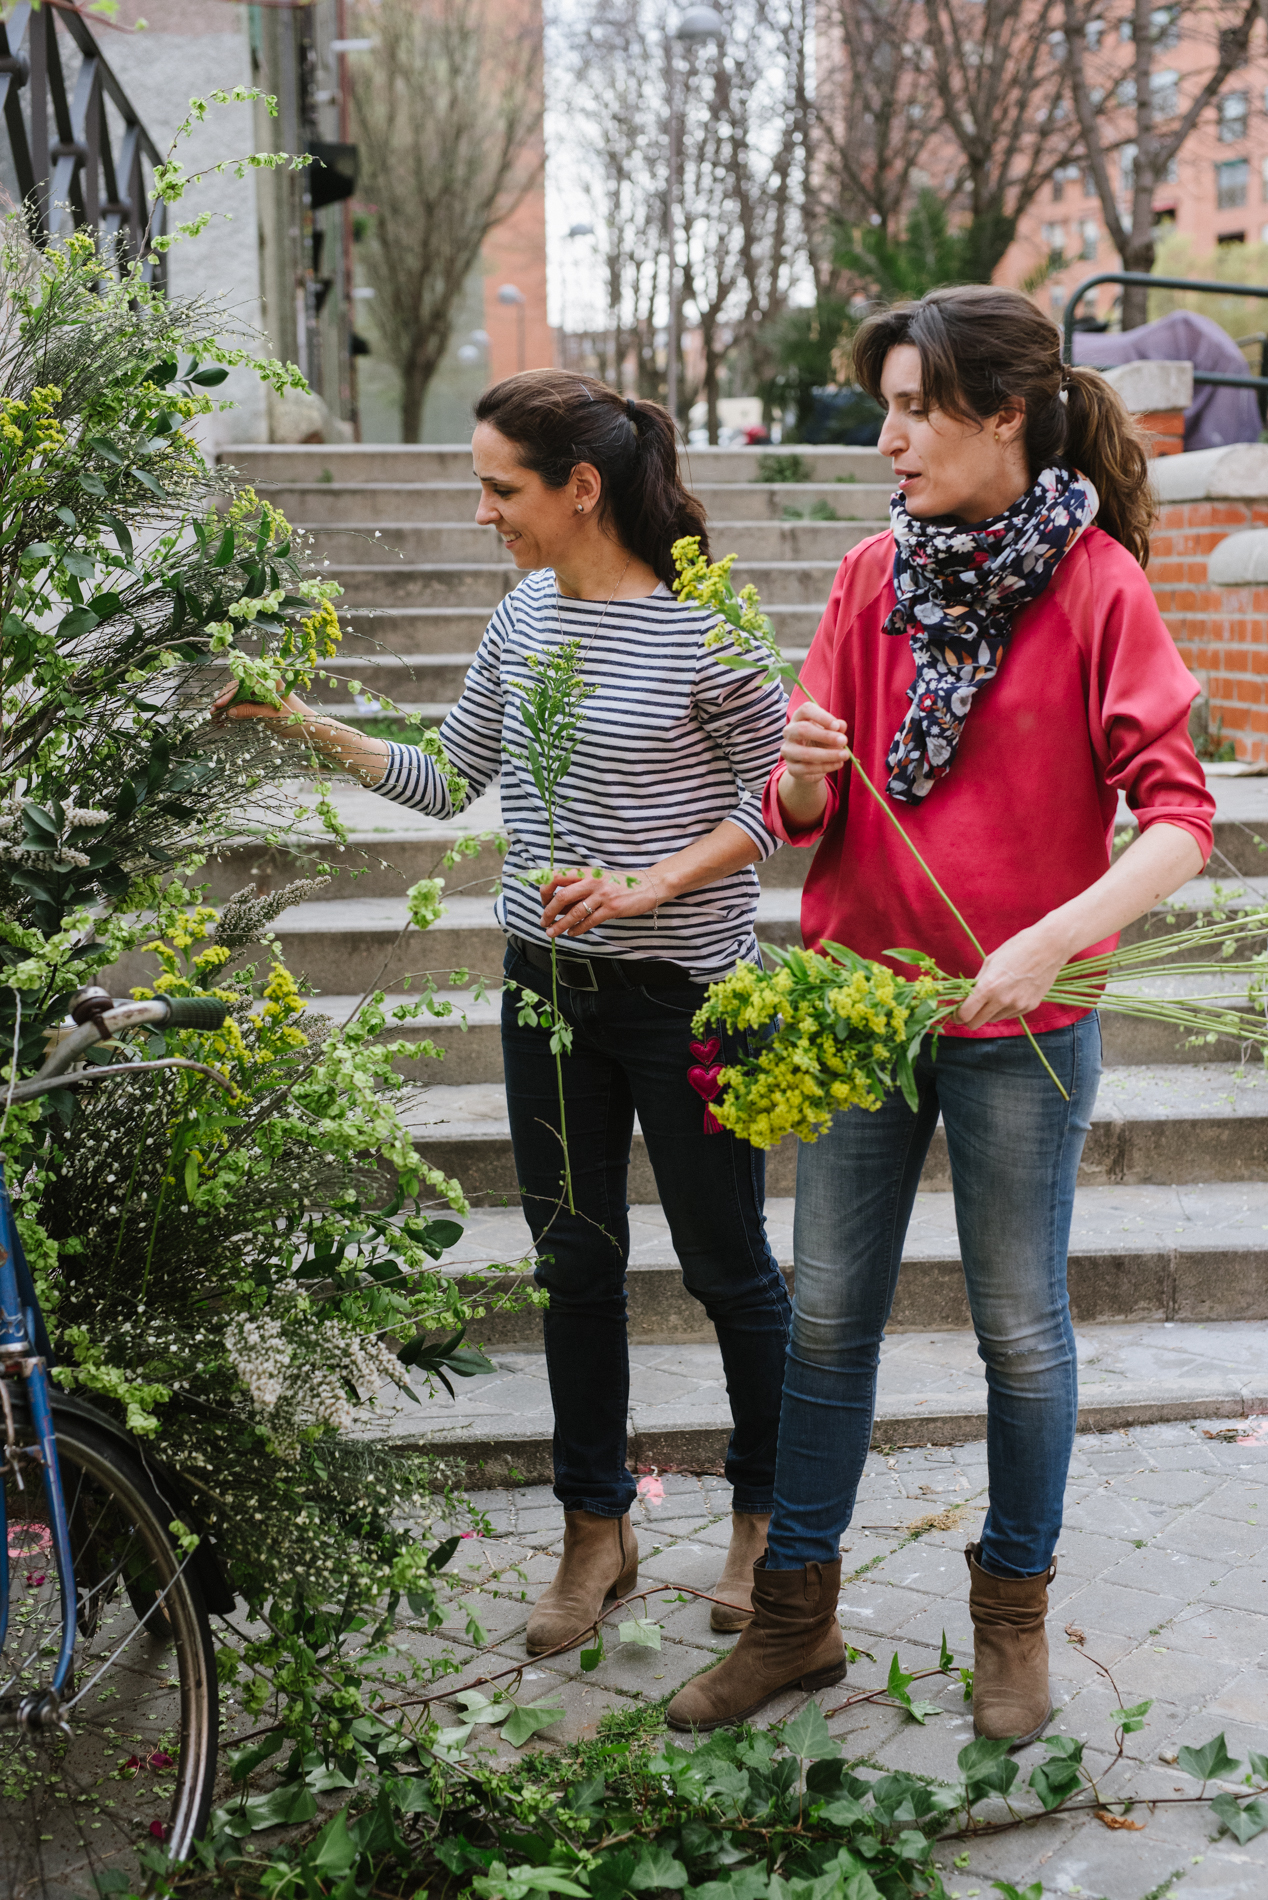 Arbolande diseño flores para ser feliz instalaciones florales colgantes corporativo